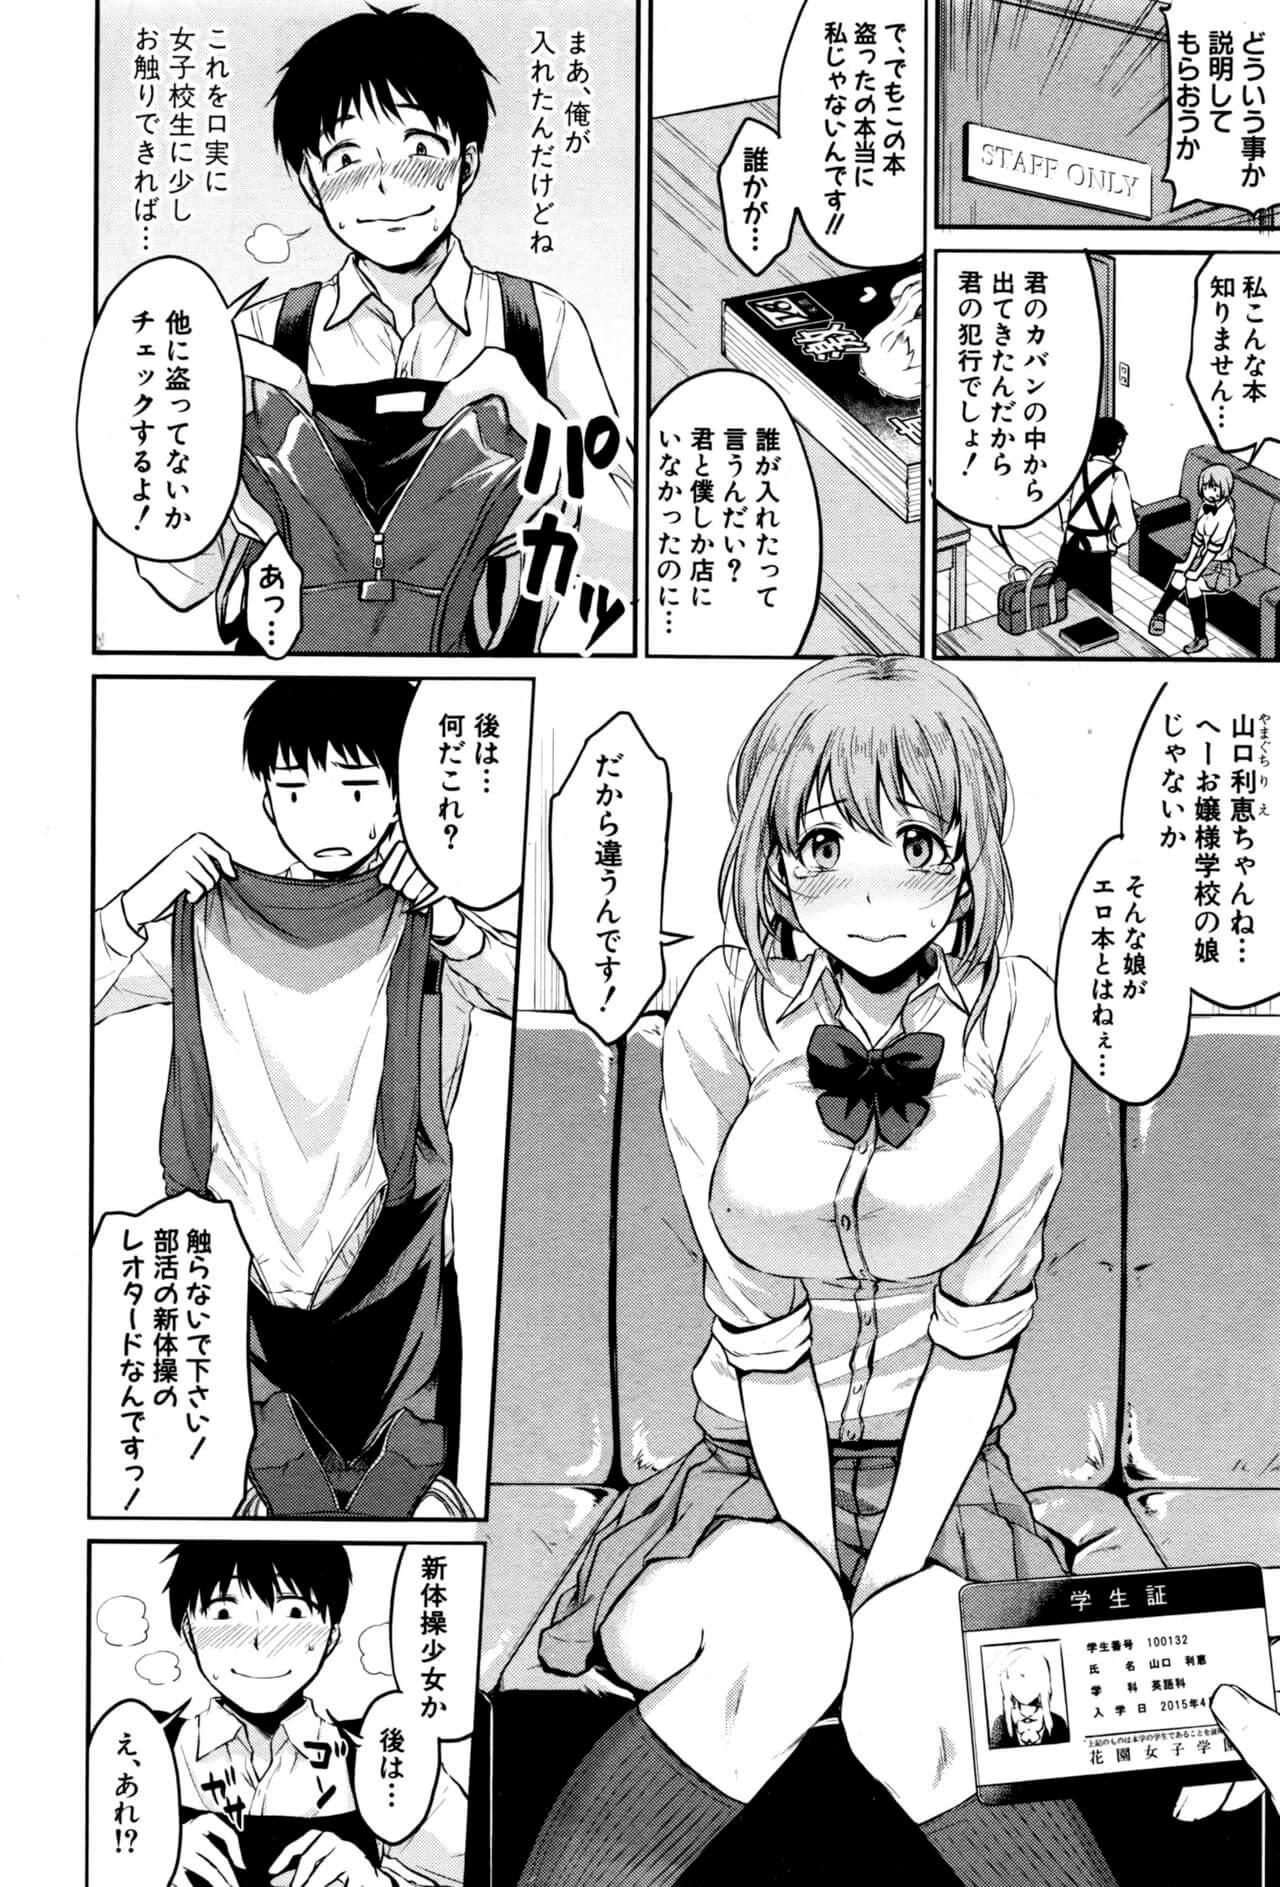 【エロ漫画】制服JKがエロ本立ち読みして興奮しちゃってるぞ!【無料 エロ同人】